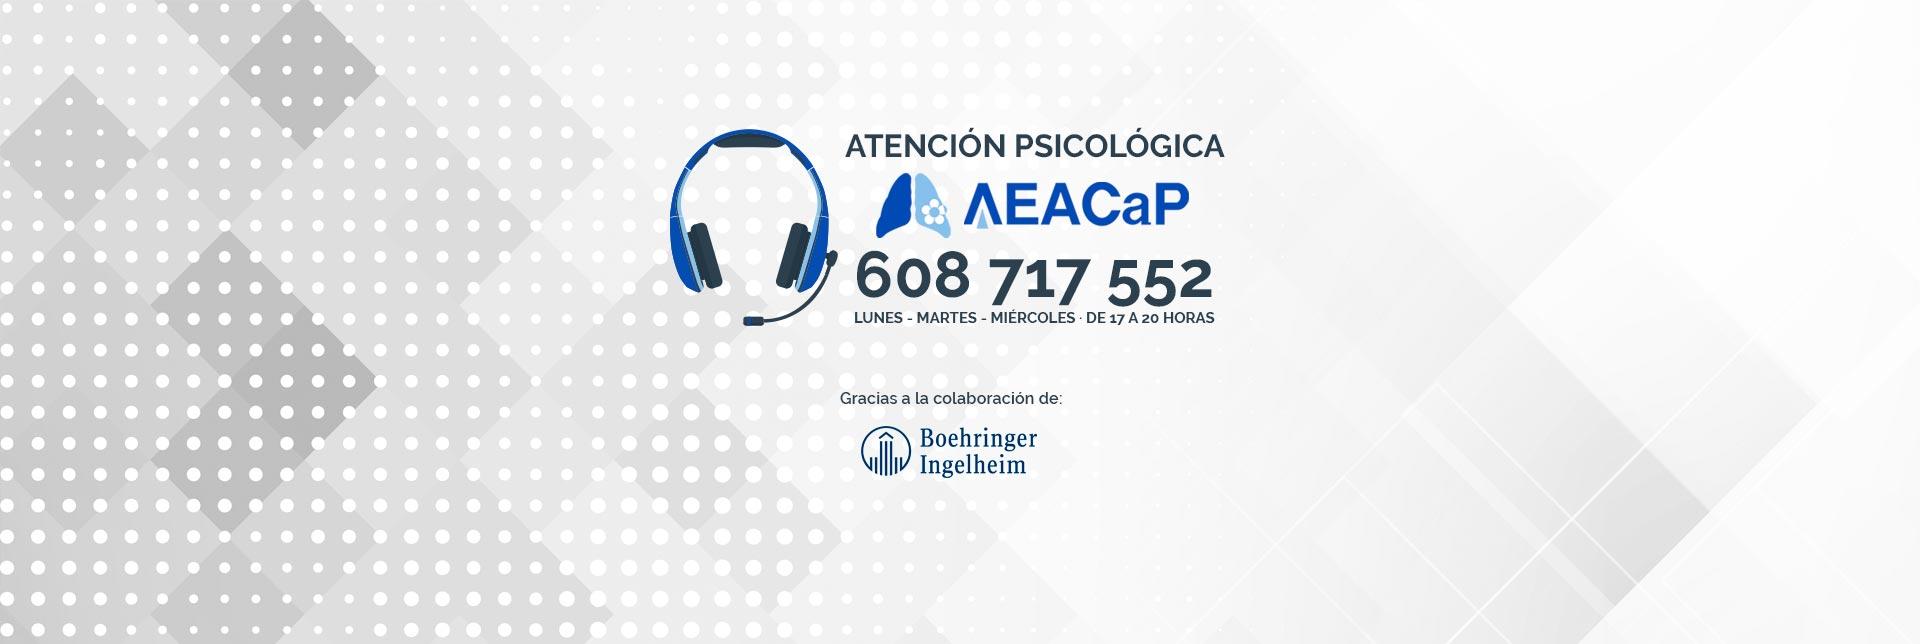 slide-aeacap-atencionpsicologica